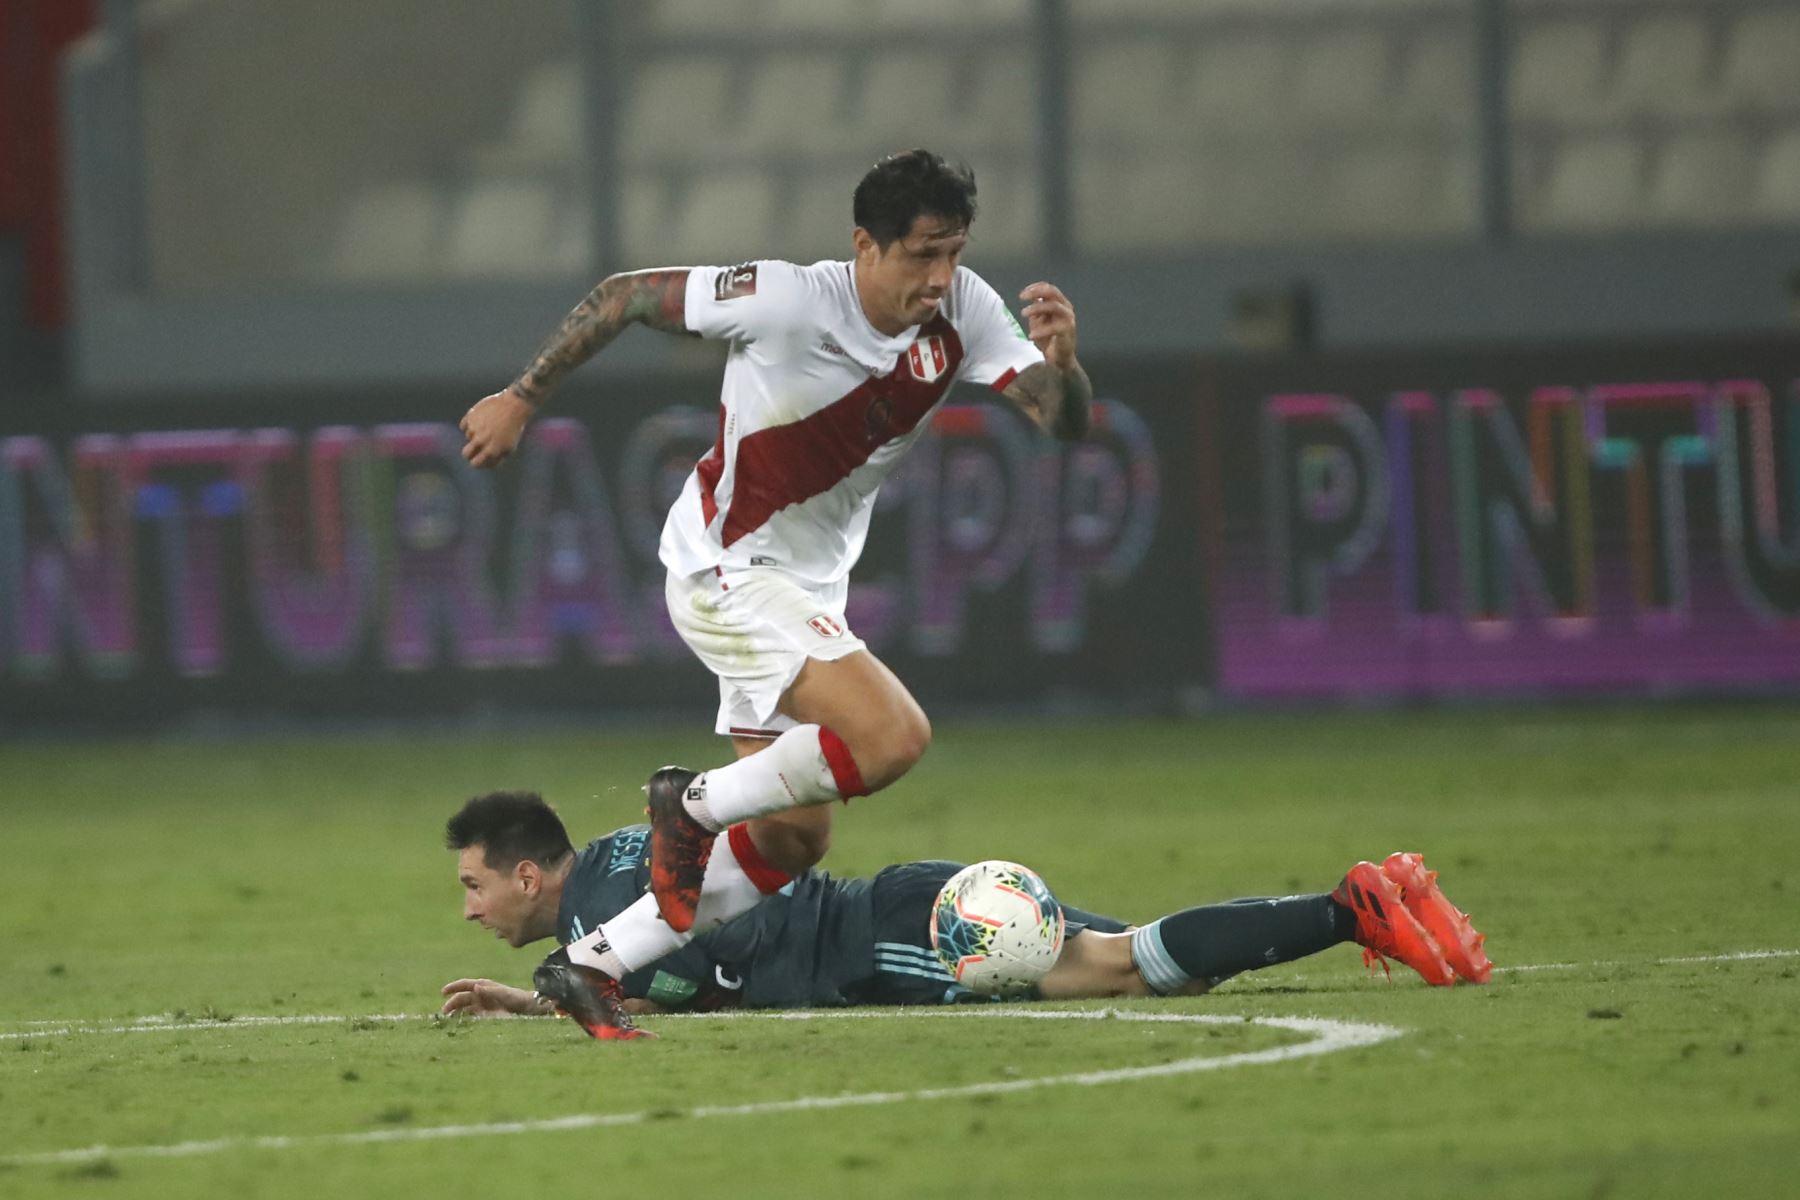 Gianluca Lapadula driblea a Lionel Messi. Perú cayó 2-0 ante Argentina en el Estadio Nacional de Lima por la fecha 4 de las eliminatorias rumbo a Qatar 2022. Foto: Pool FPF